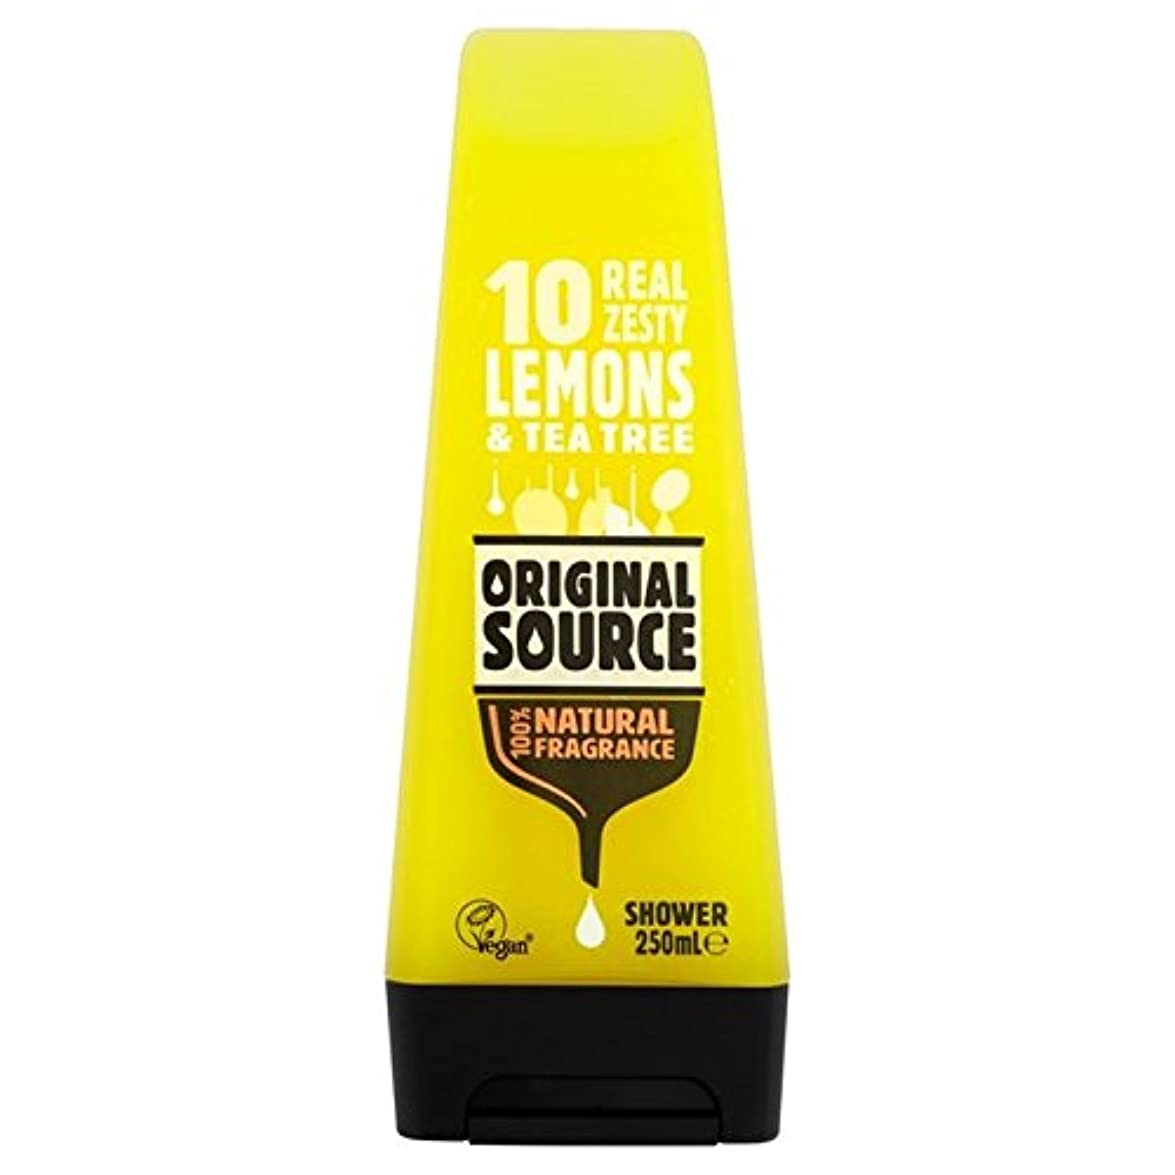 八百屋秀でる複合Original Source Lemon Shower Gel 250ml (Pack of 6) - 元のソースのレモンシャワージェル250ミリリットル x6 [並行輸入品]